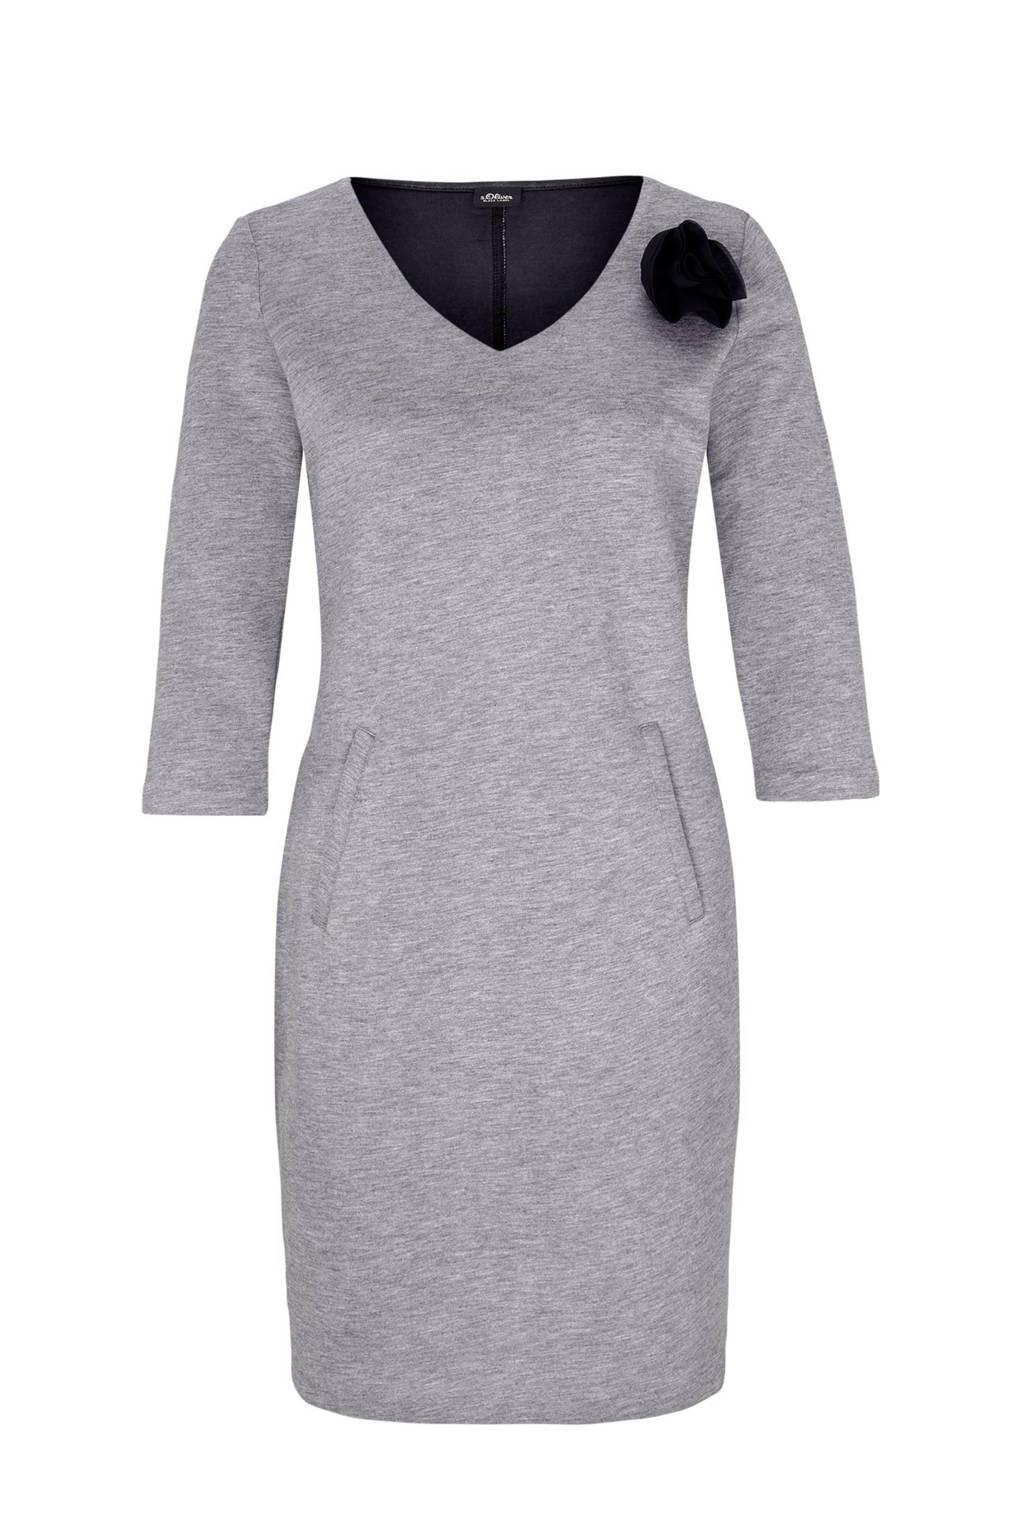 s.Oliver BLACK LABEL jurk, Grijs